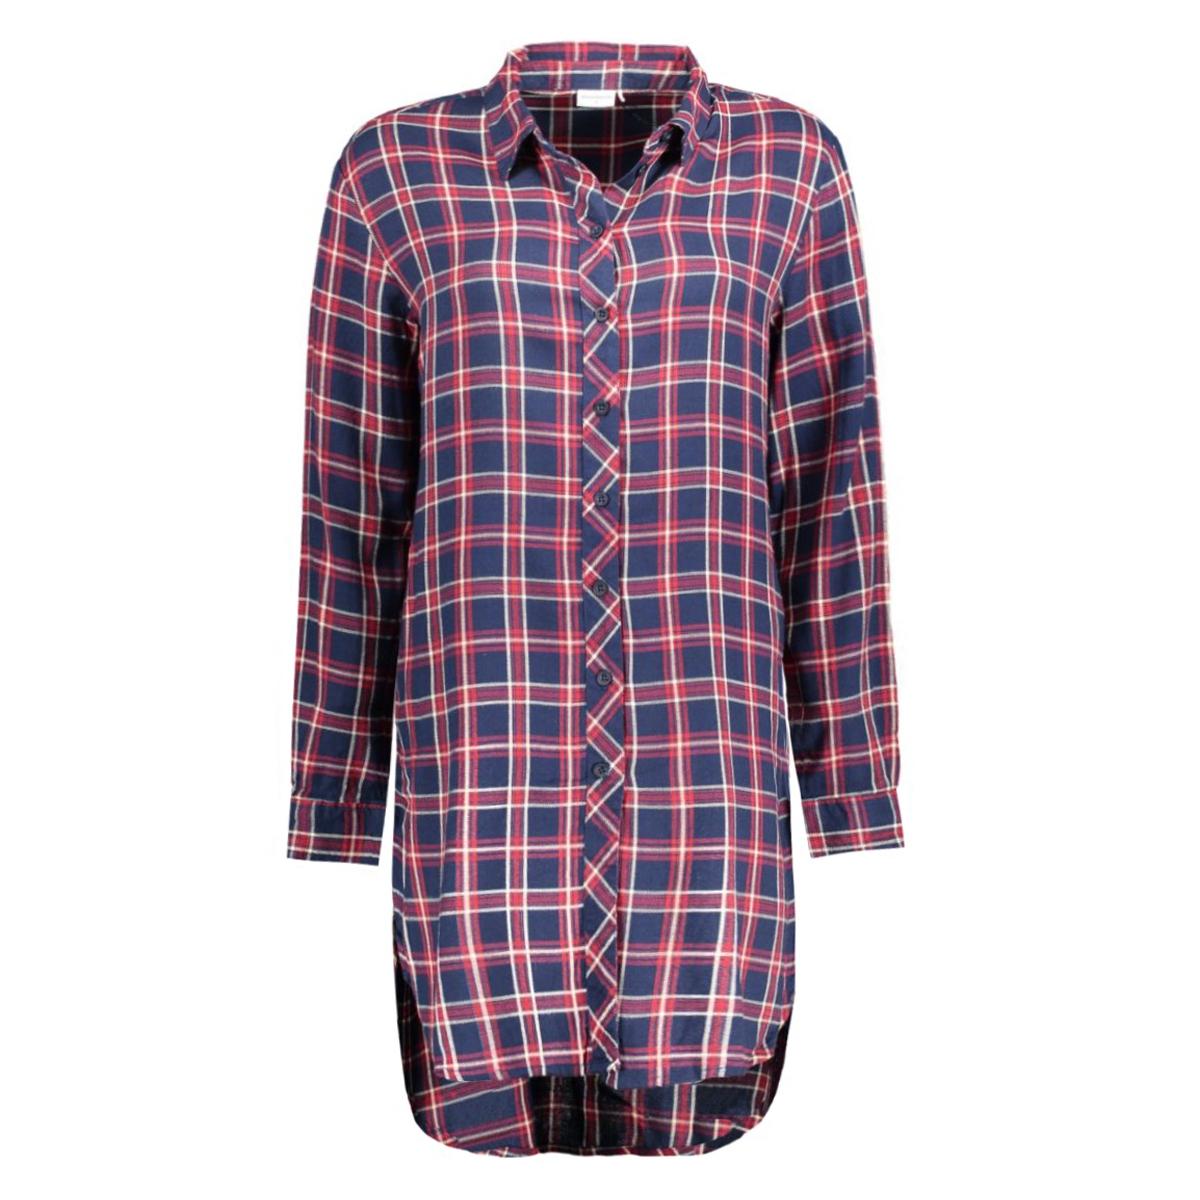 jdywaldo l/s x- long shirt 15126737 jacqueline de yong blouse sky captain